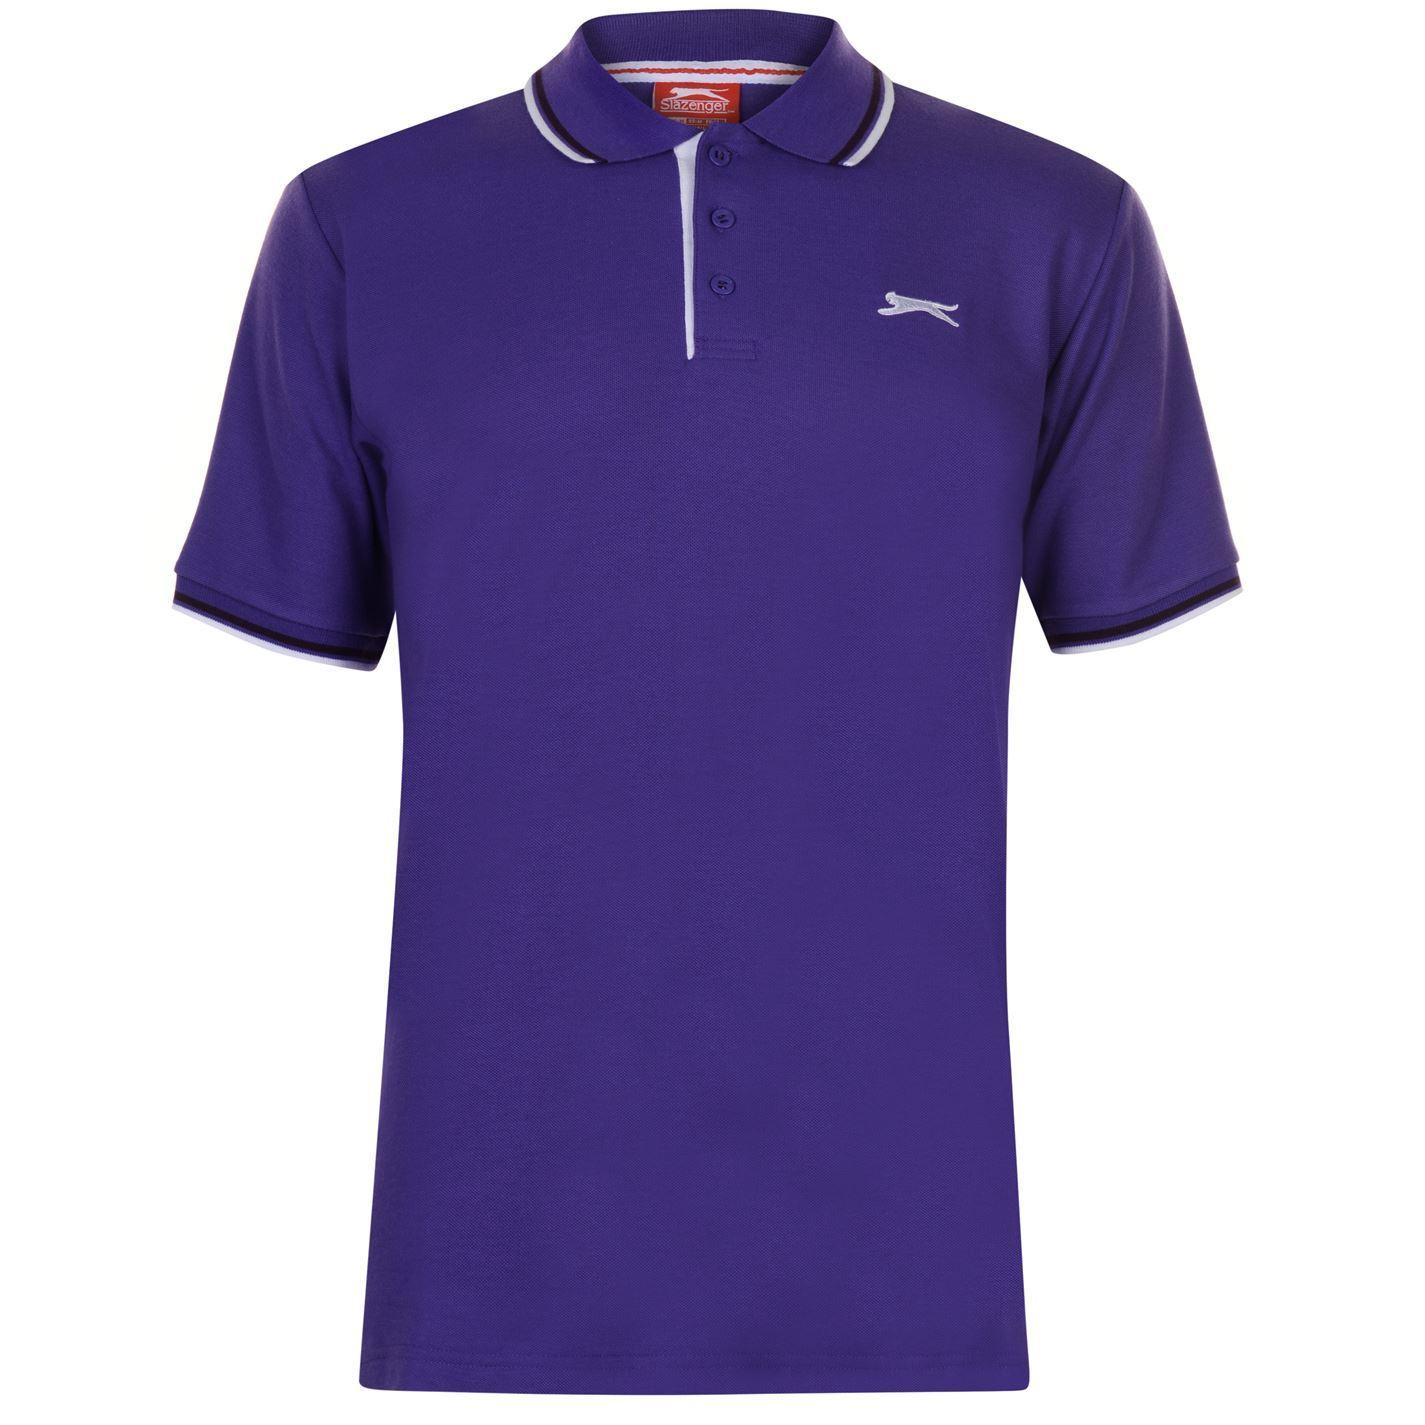 Slazenger-Polo-Camisa-de-hombre-con-cuello-con-Punta-T-Shirt-Top-Camiseta-Tee miniatura 67